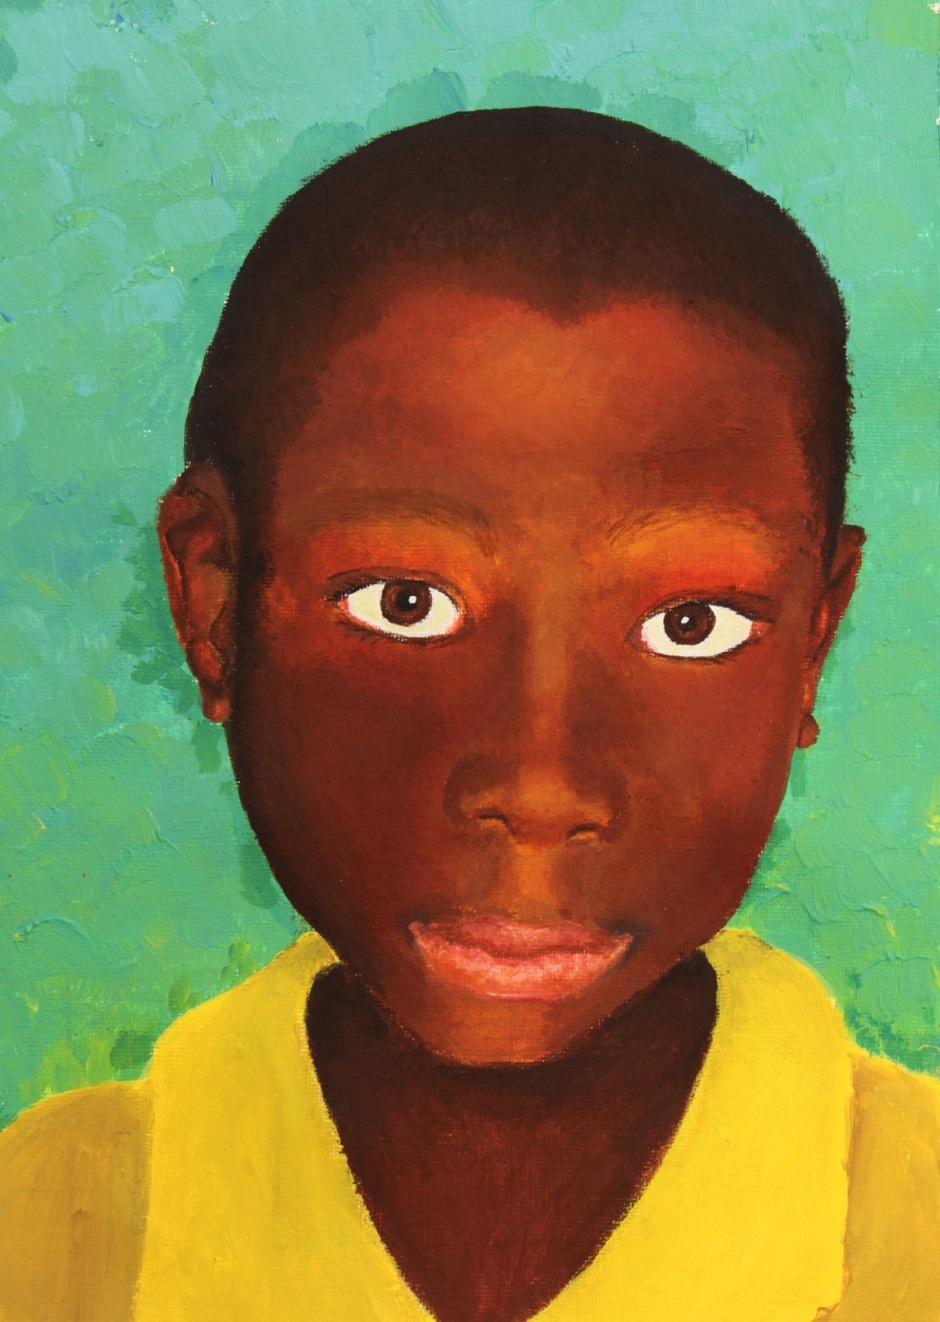 2013 African boy portrait by Mia